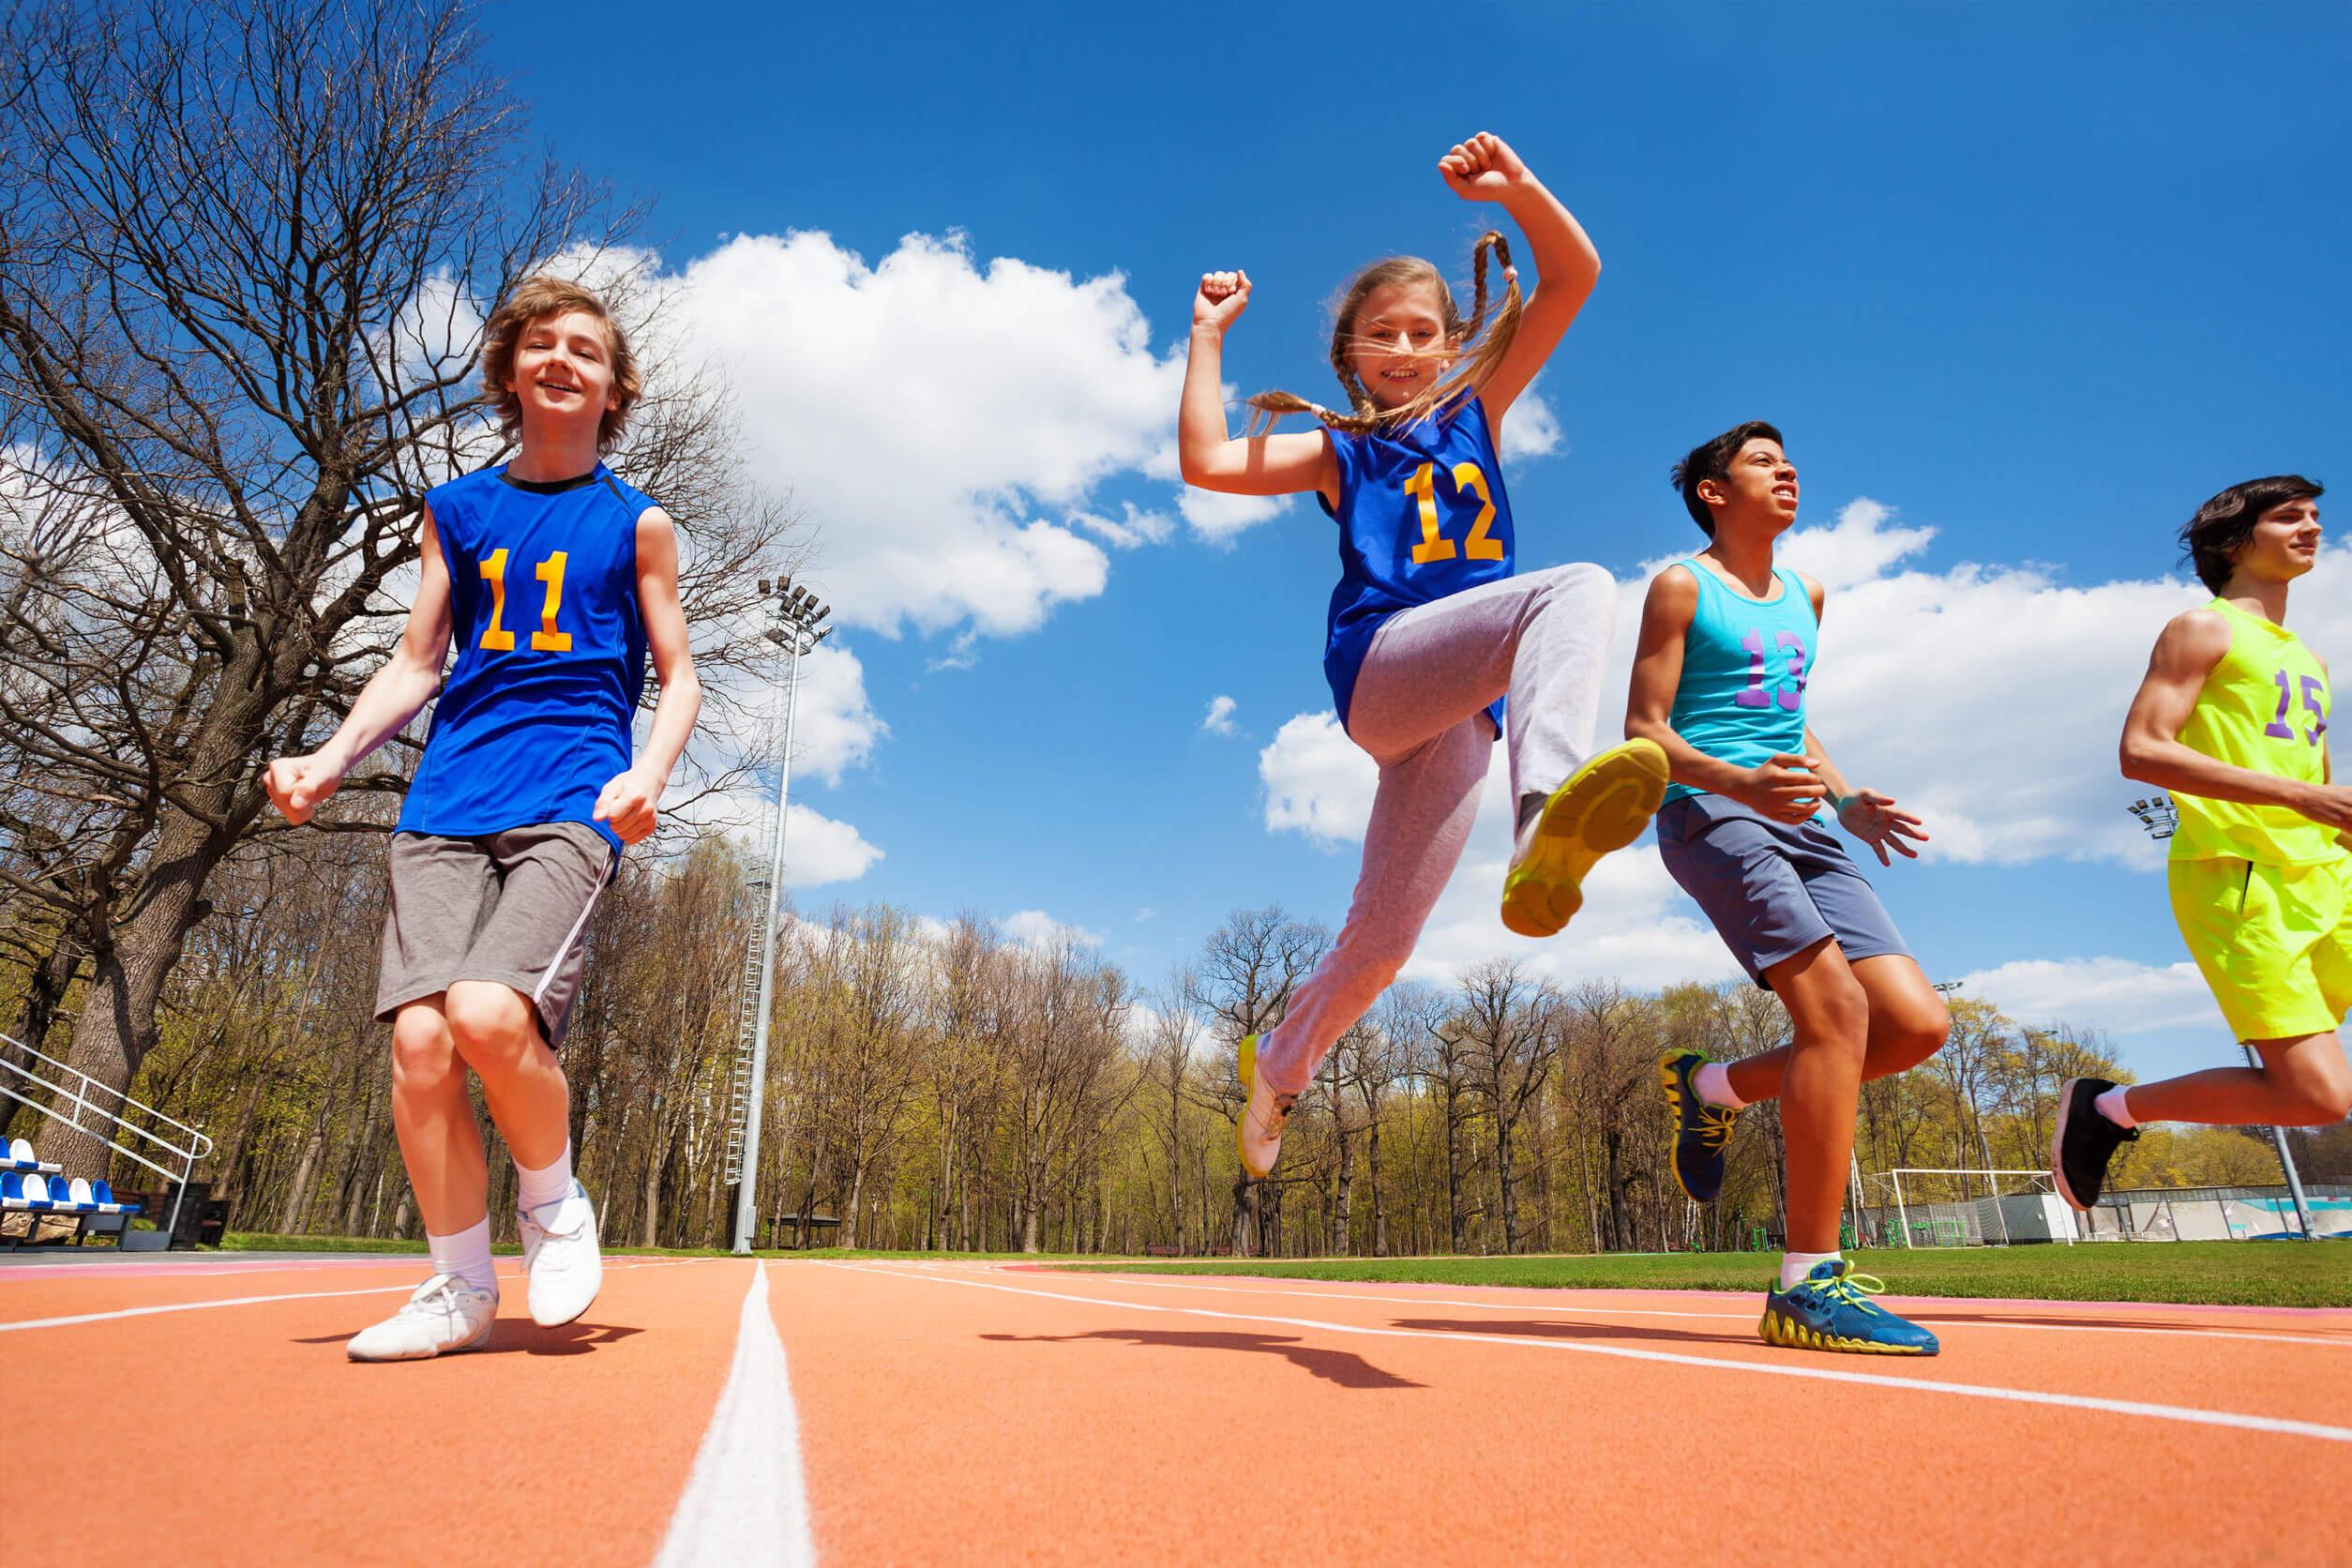 Niños practicando atletismo con deportividad.